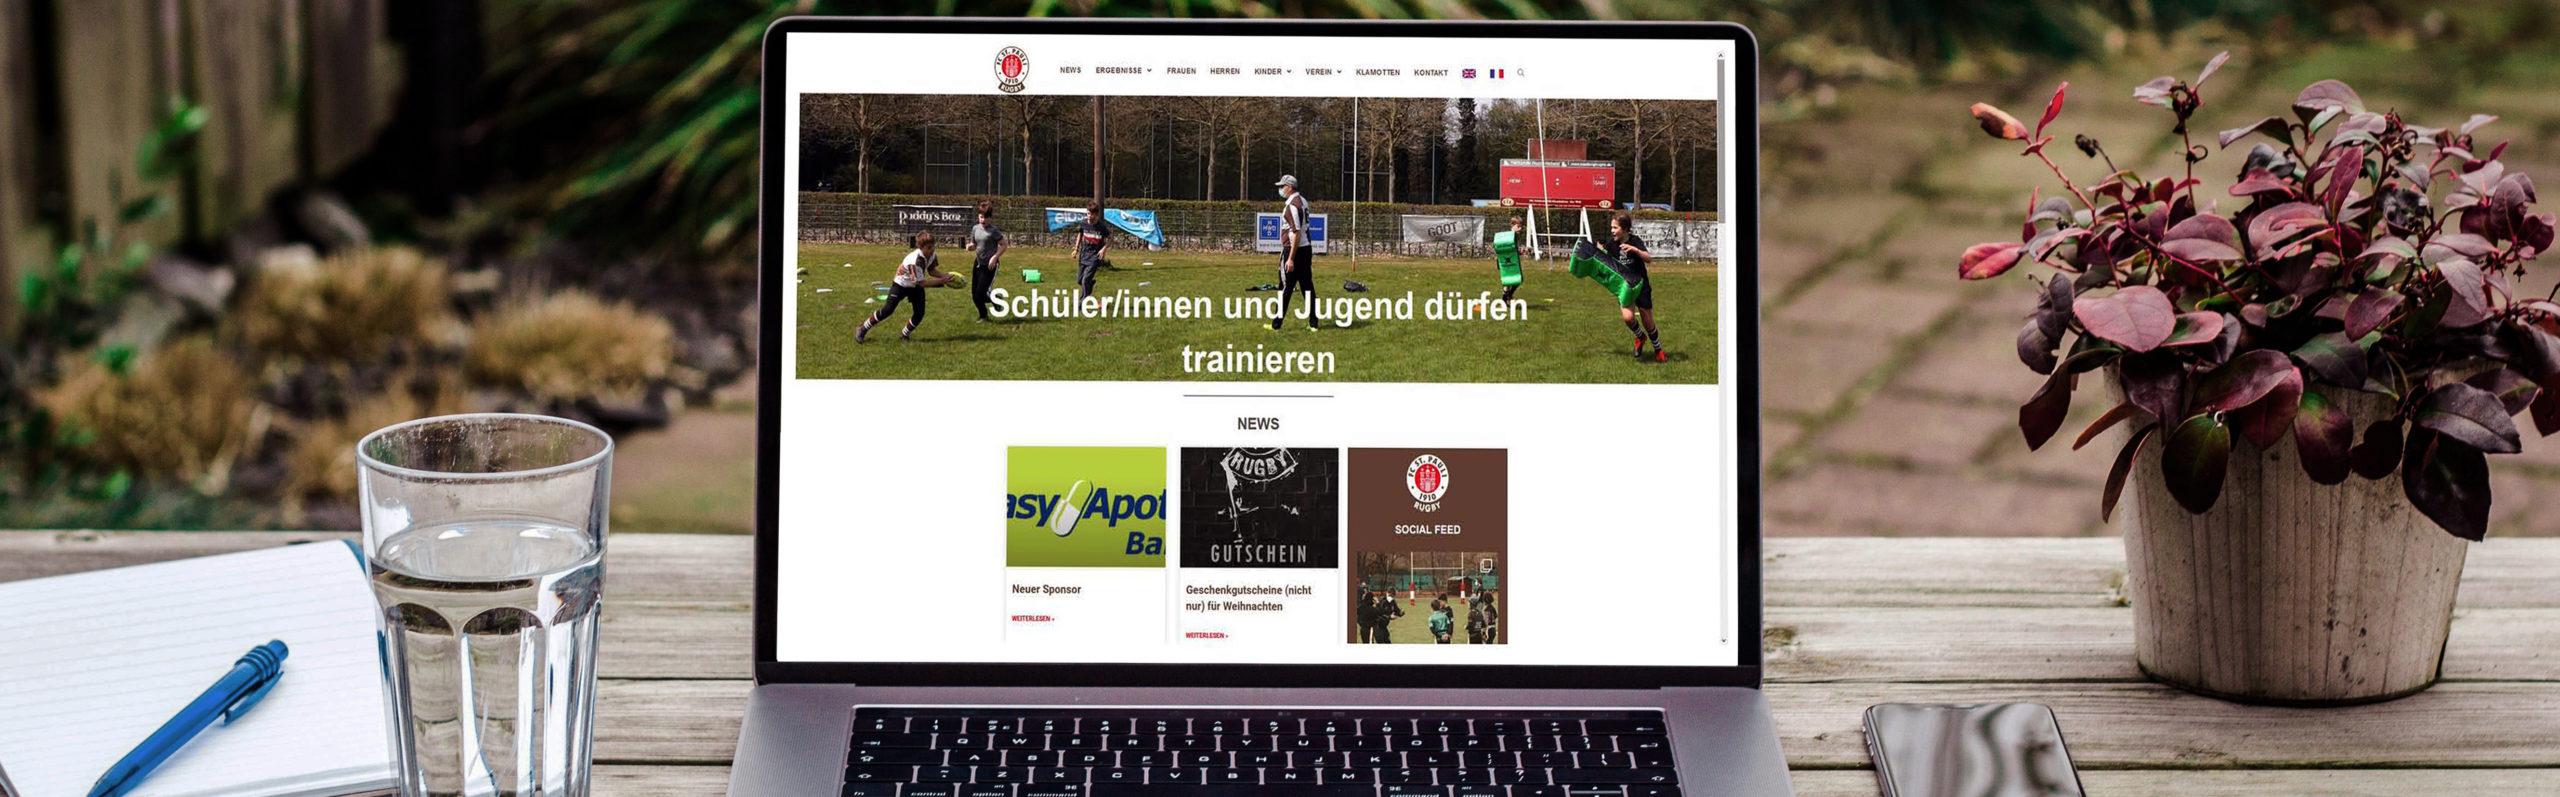 Webseite strahlt im neuen Glanze